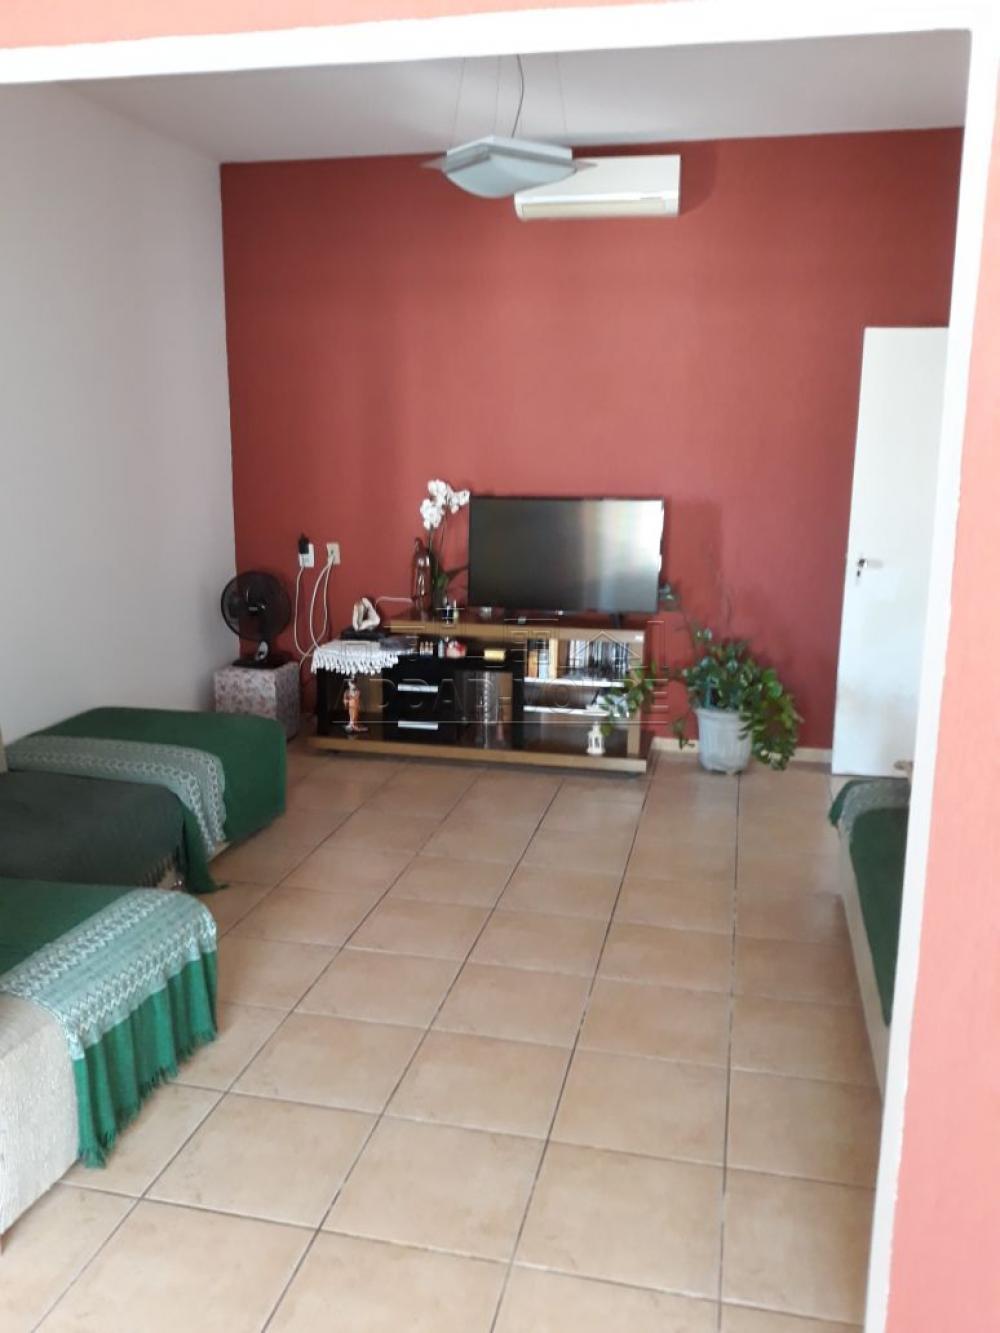 Comprar Casa / Padrão em Bauru apenas R$ 440.000,00 - Foto 11